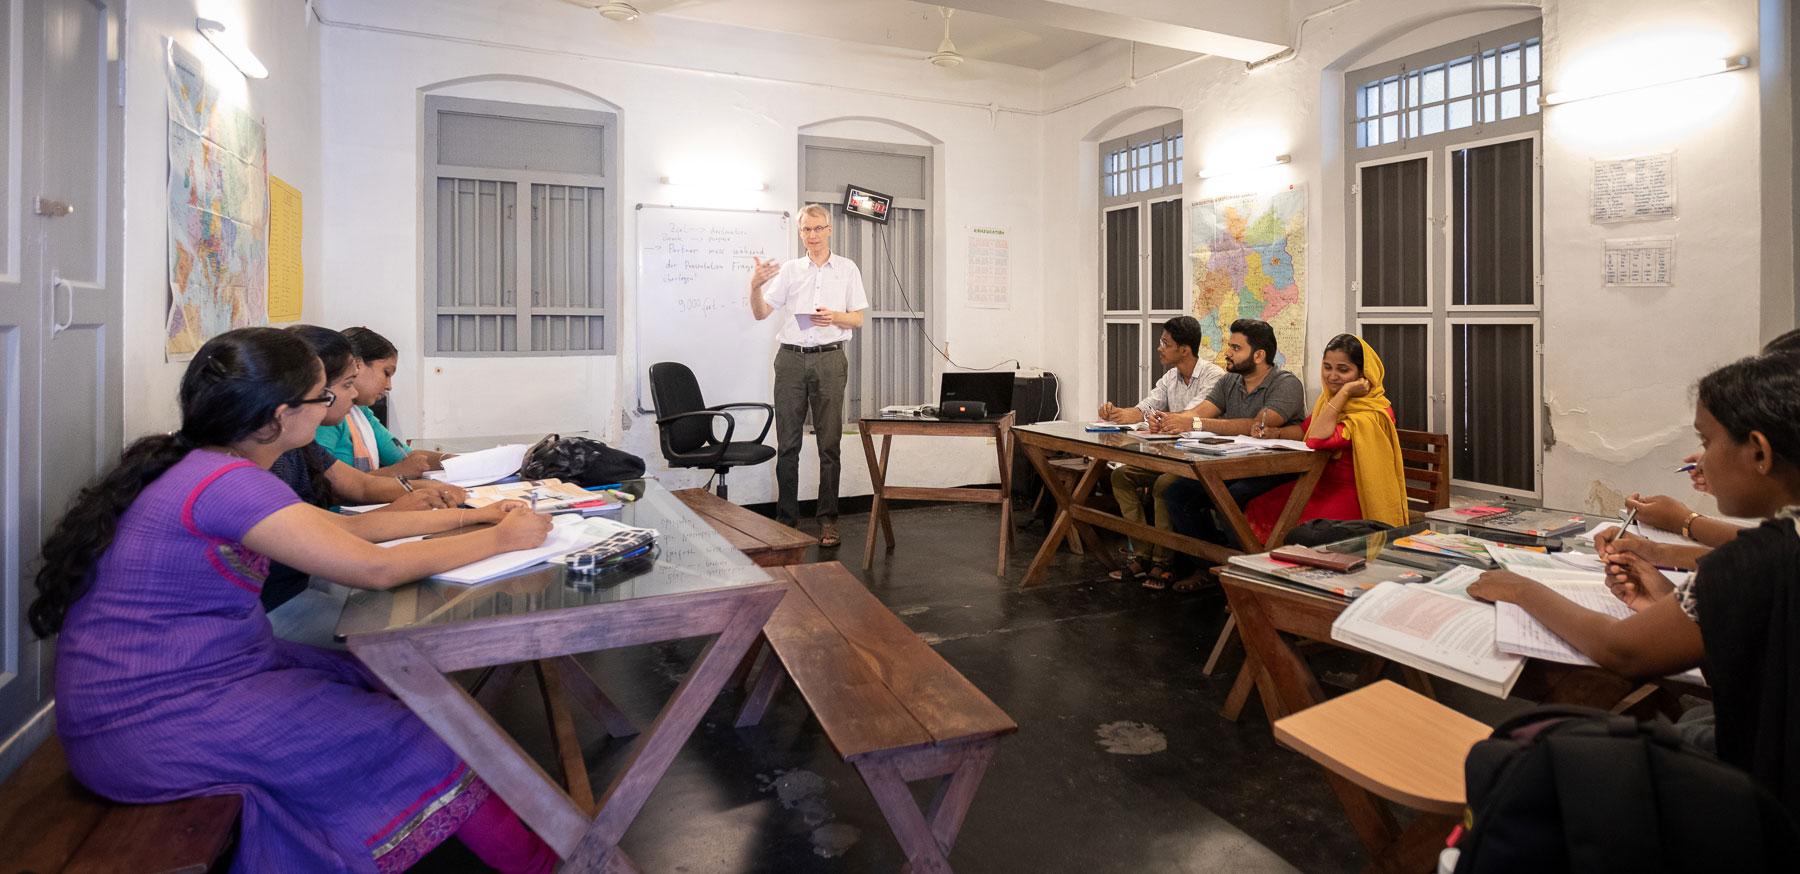 Weli_Language_Institute_Classroom_1.jpg